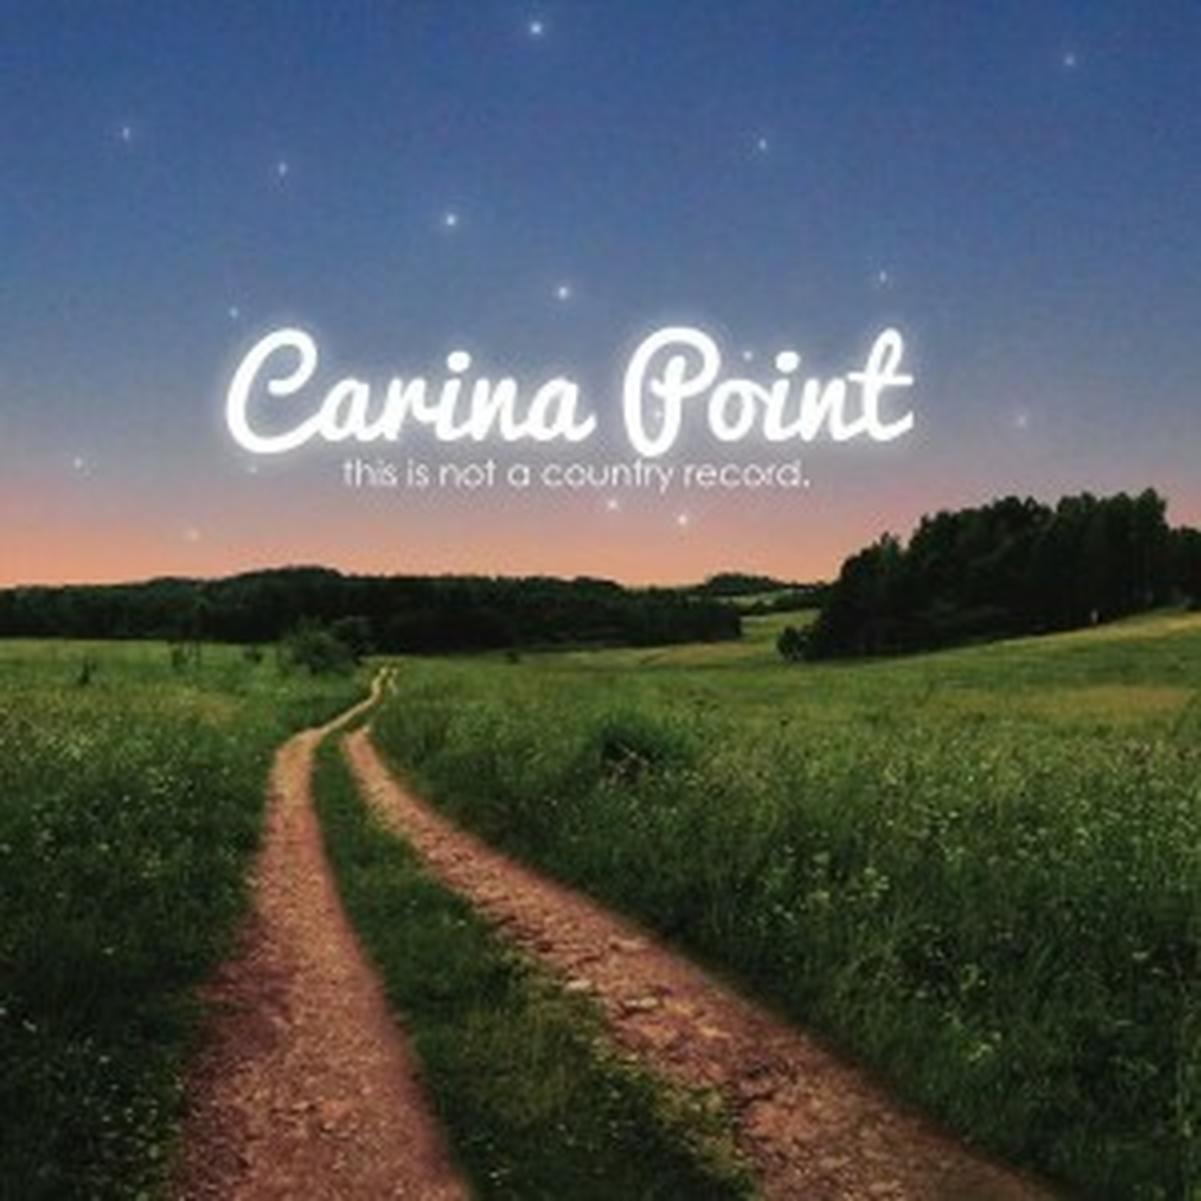 Carina Point